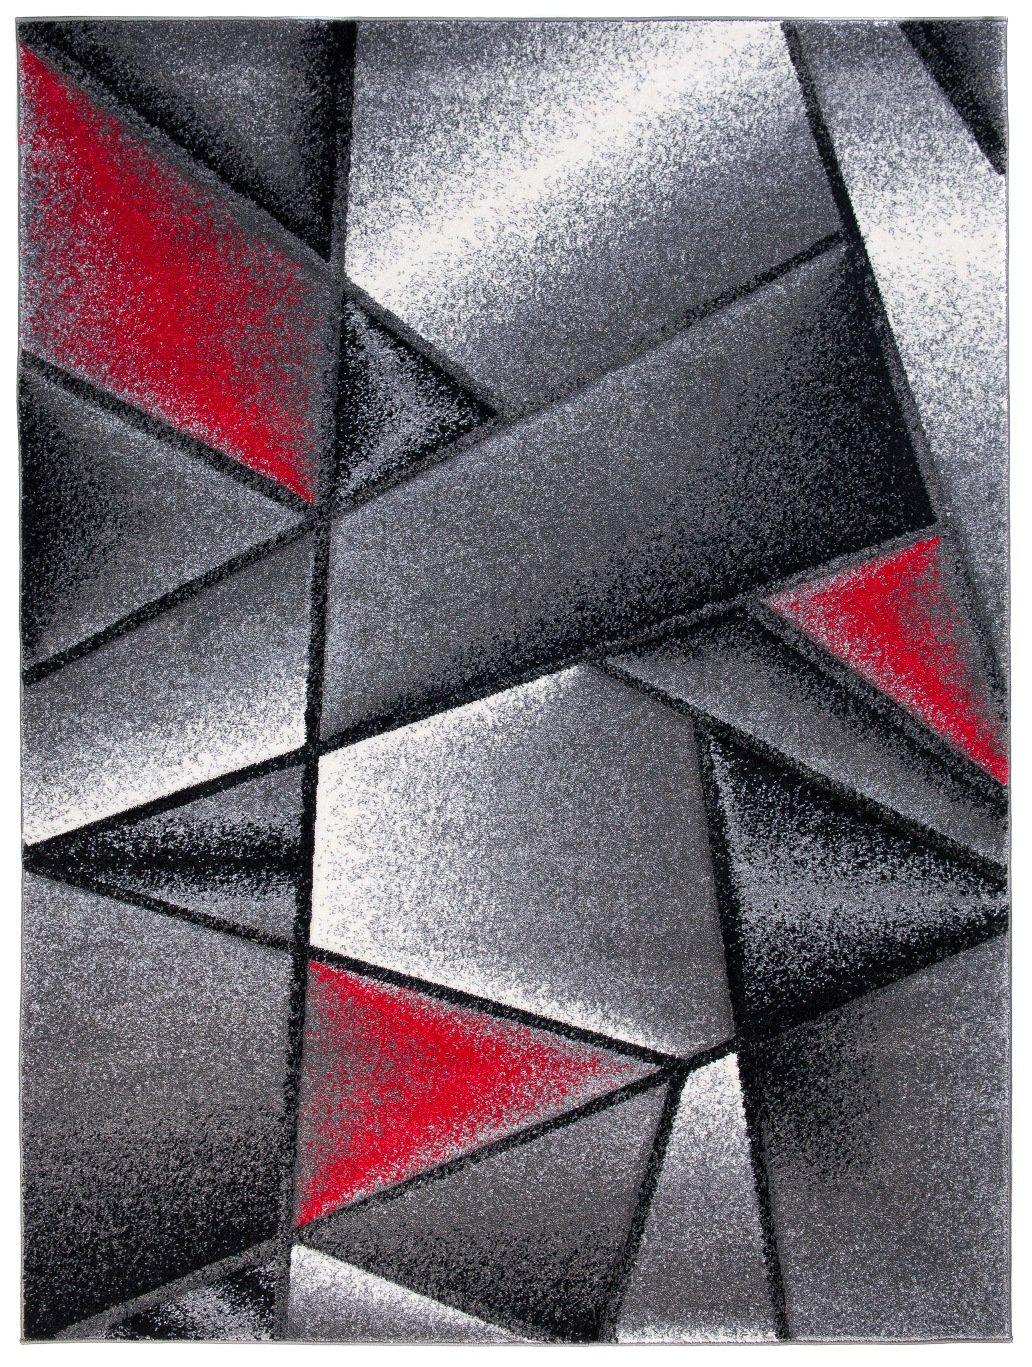 Tapiso Sumatra Teppich Kurzflor Konturenschnitt Modern Grau Grün Abstrakt Karo Viereck Muster Designer Wohnzimmer Jugendzimmer ÖKOTEX 140 x 190 cm B07DPM4V3K Teppiche